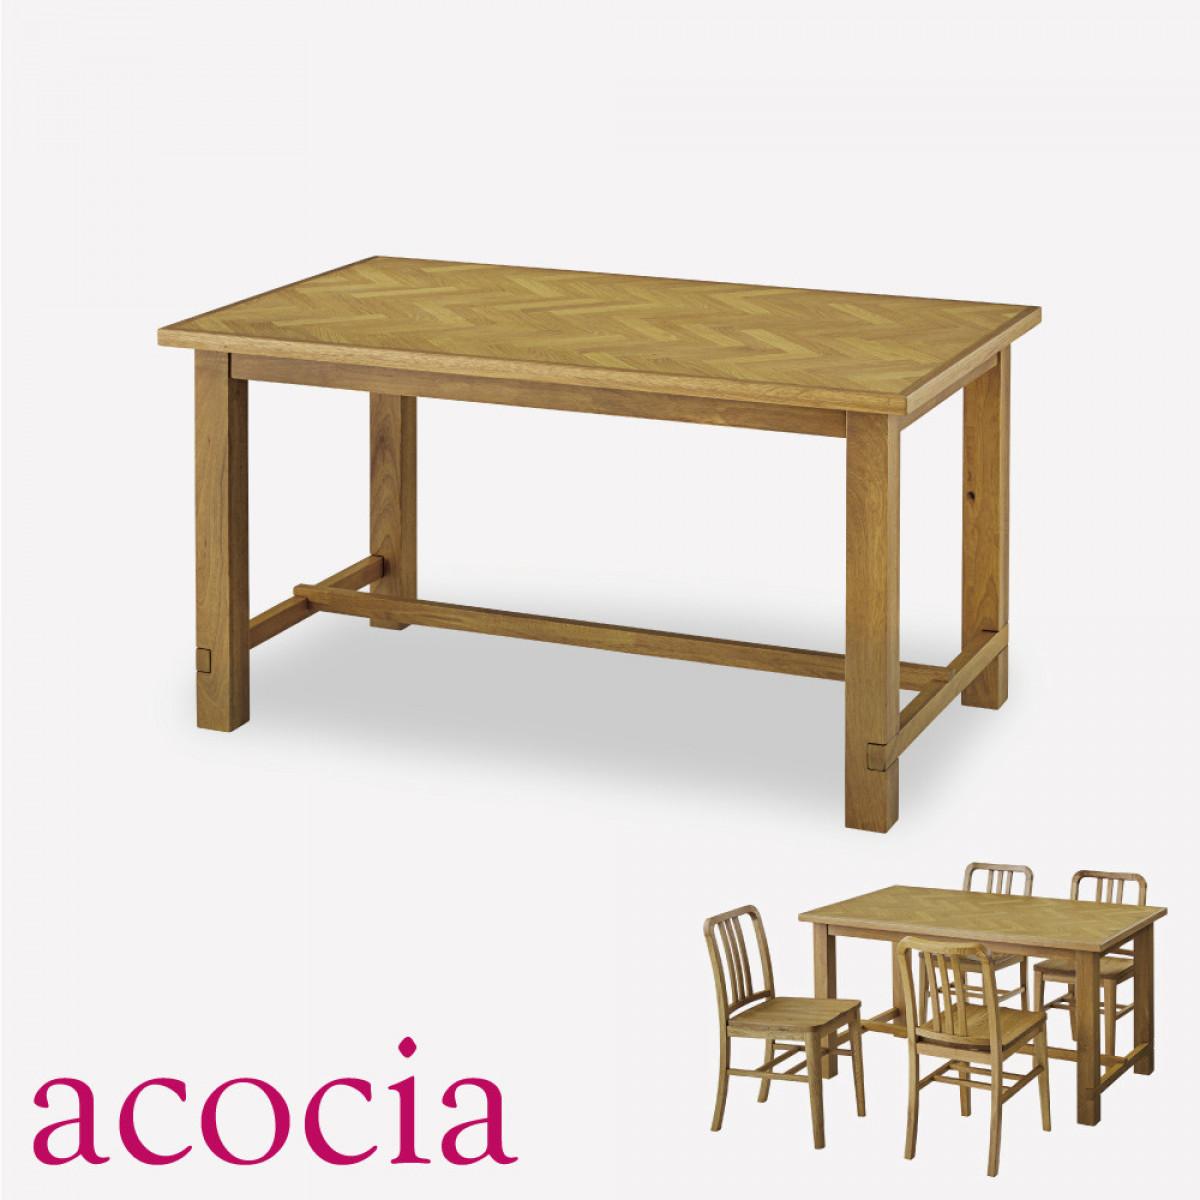 テーブル ダイニングテーブル 木製 W135×D80×H72 ダイニングテーブル 【ダイニングチェア半額セール】 【ソファー半額】 カフェ cafe おしゃれ モデルルーム 北欧 インダストリアル